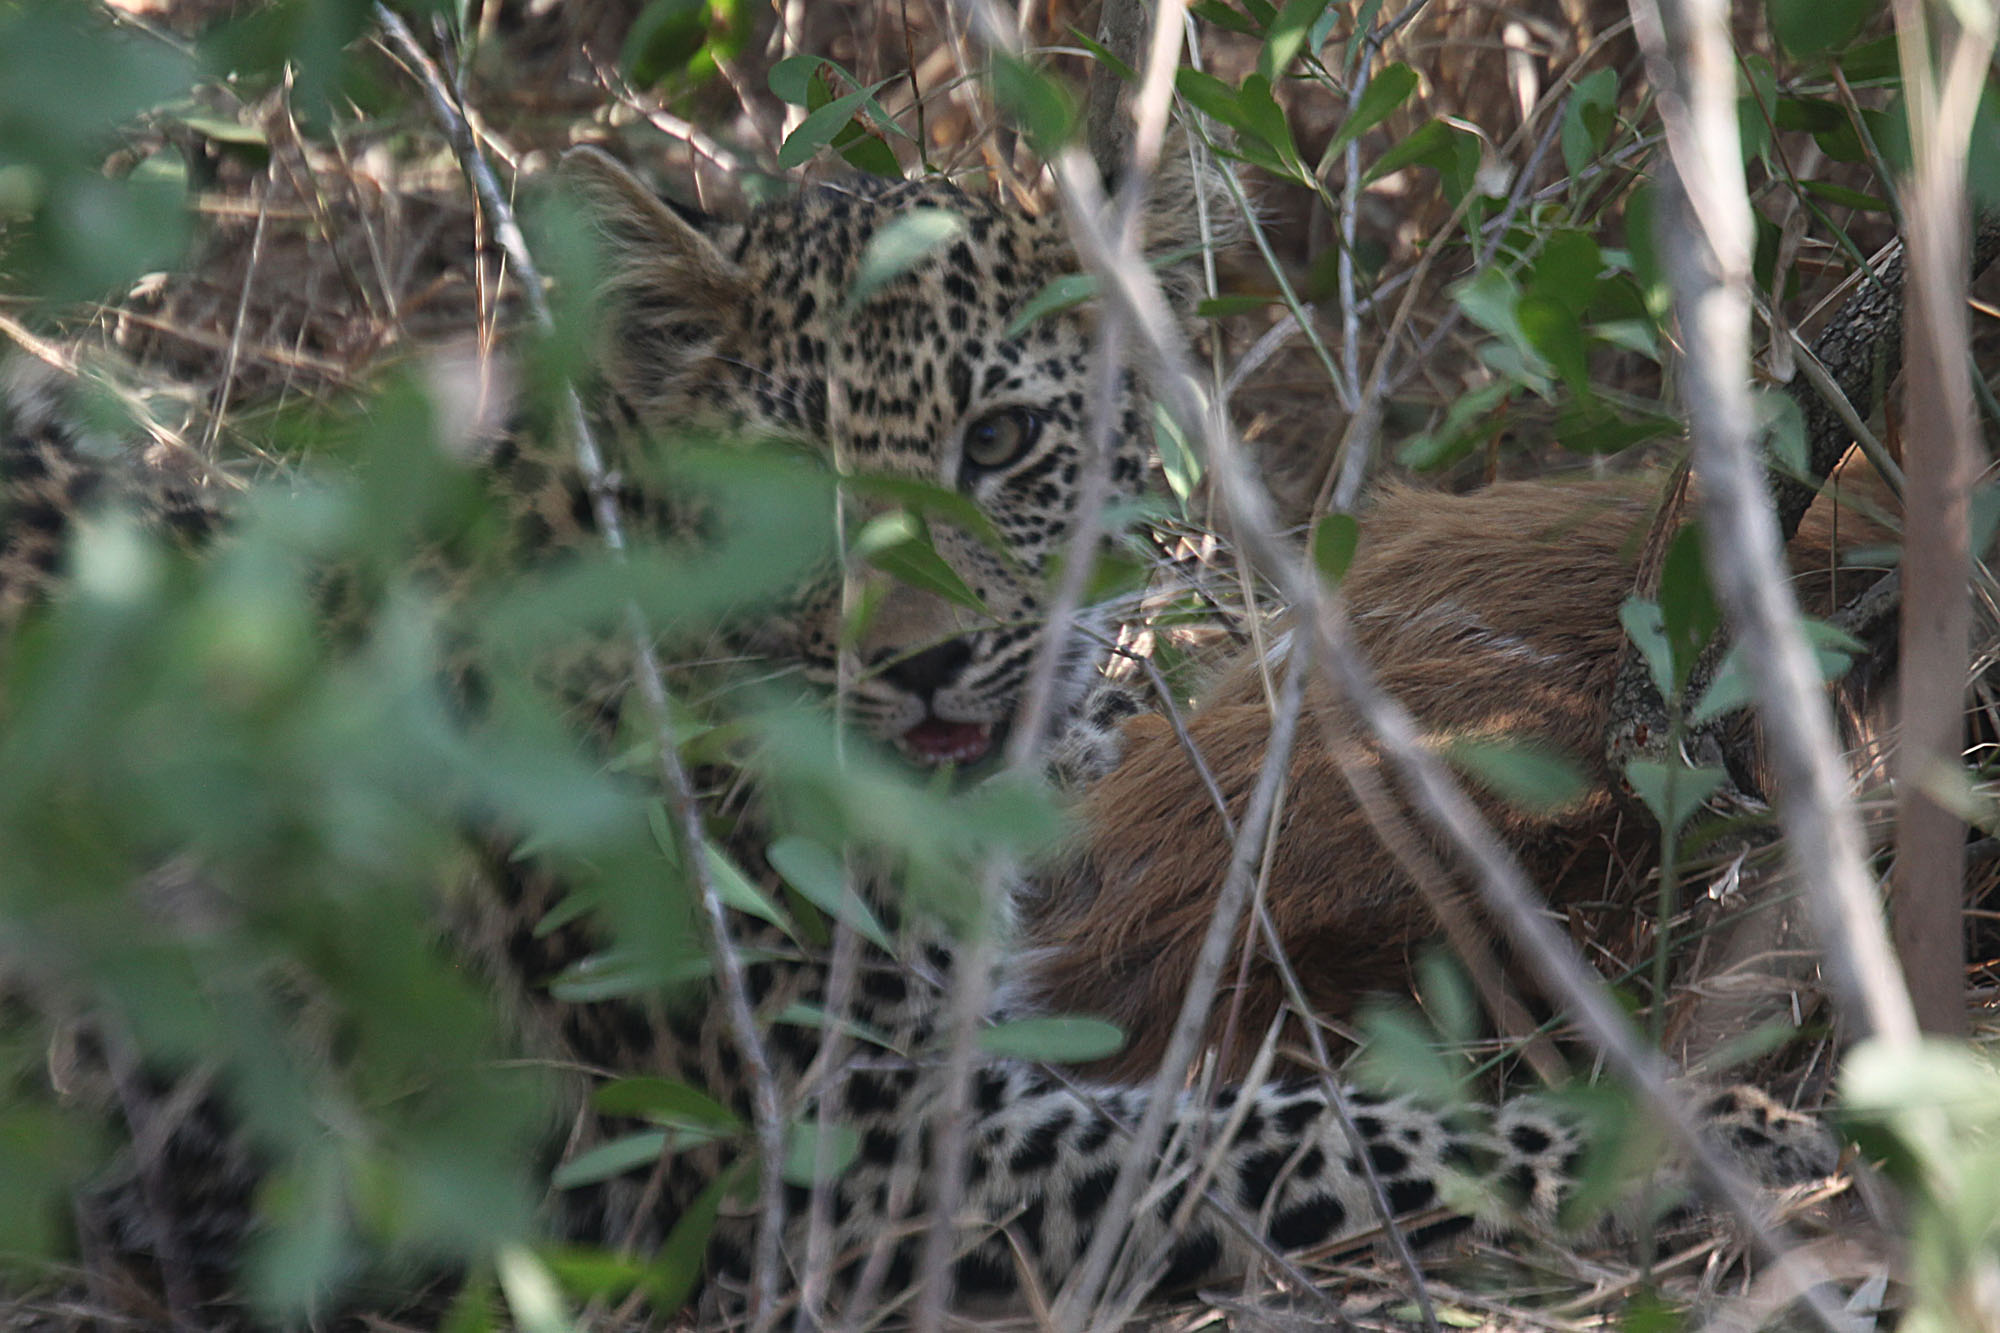 Cub with prey